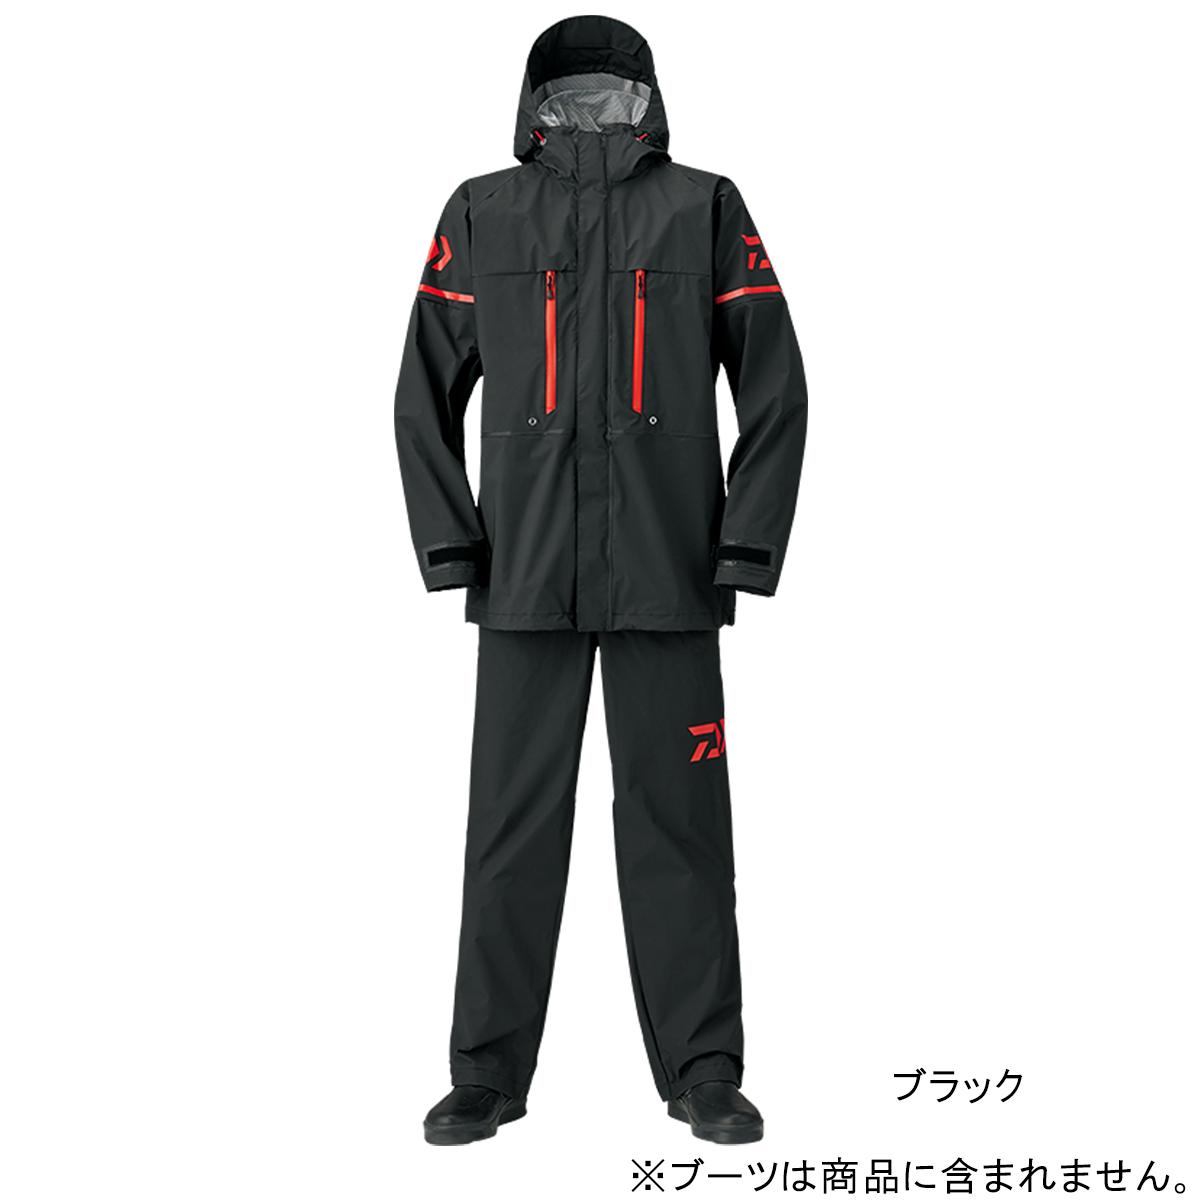 ダイワ PVCオーシャンサロペットレインスーツ DR-9008 M ブラック(東日本店)